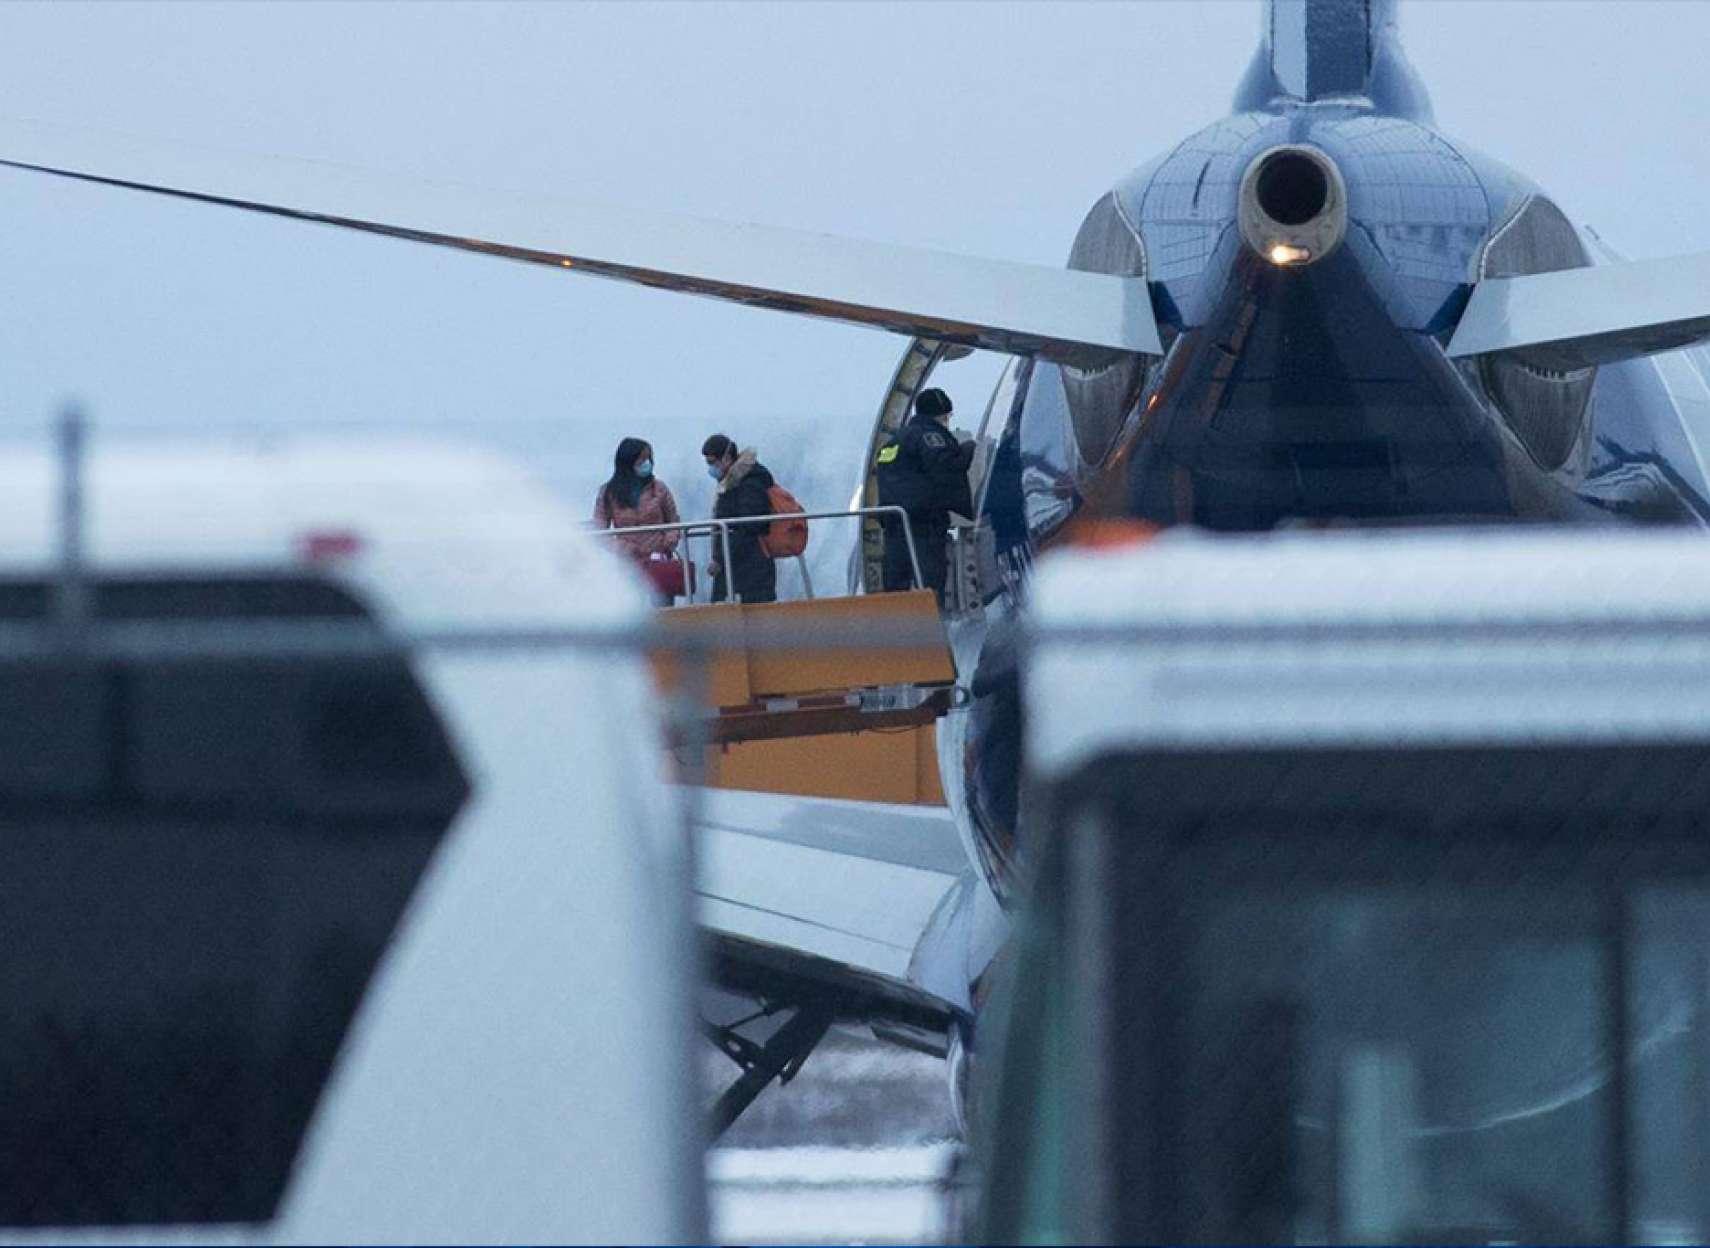 اخبار-کانادا-دومین-هواپیمای-حامل-کانادایی-ها-از-ووهان-وارد-ترنتون-شد